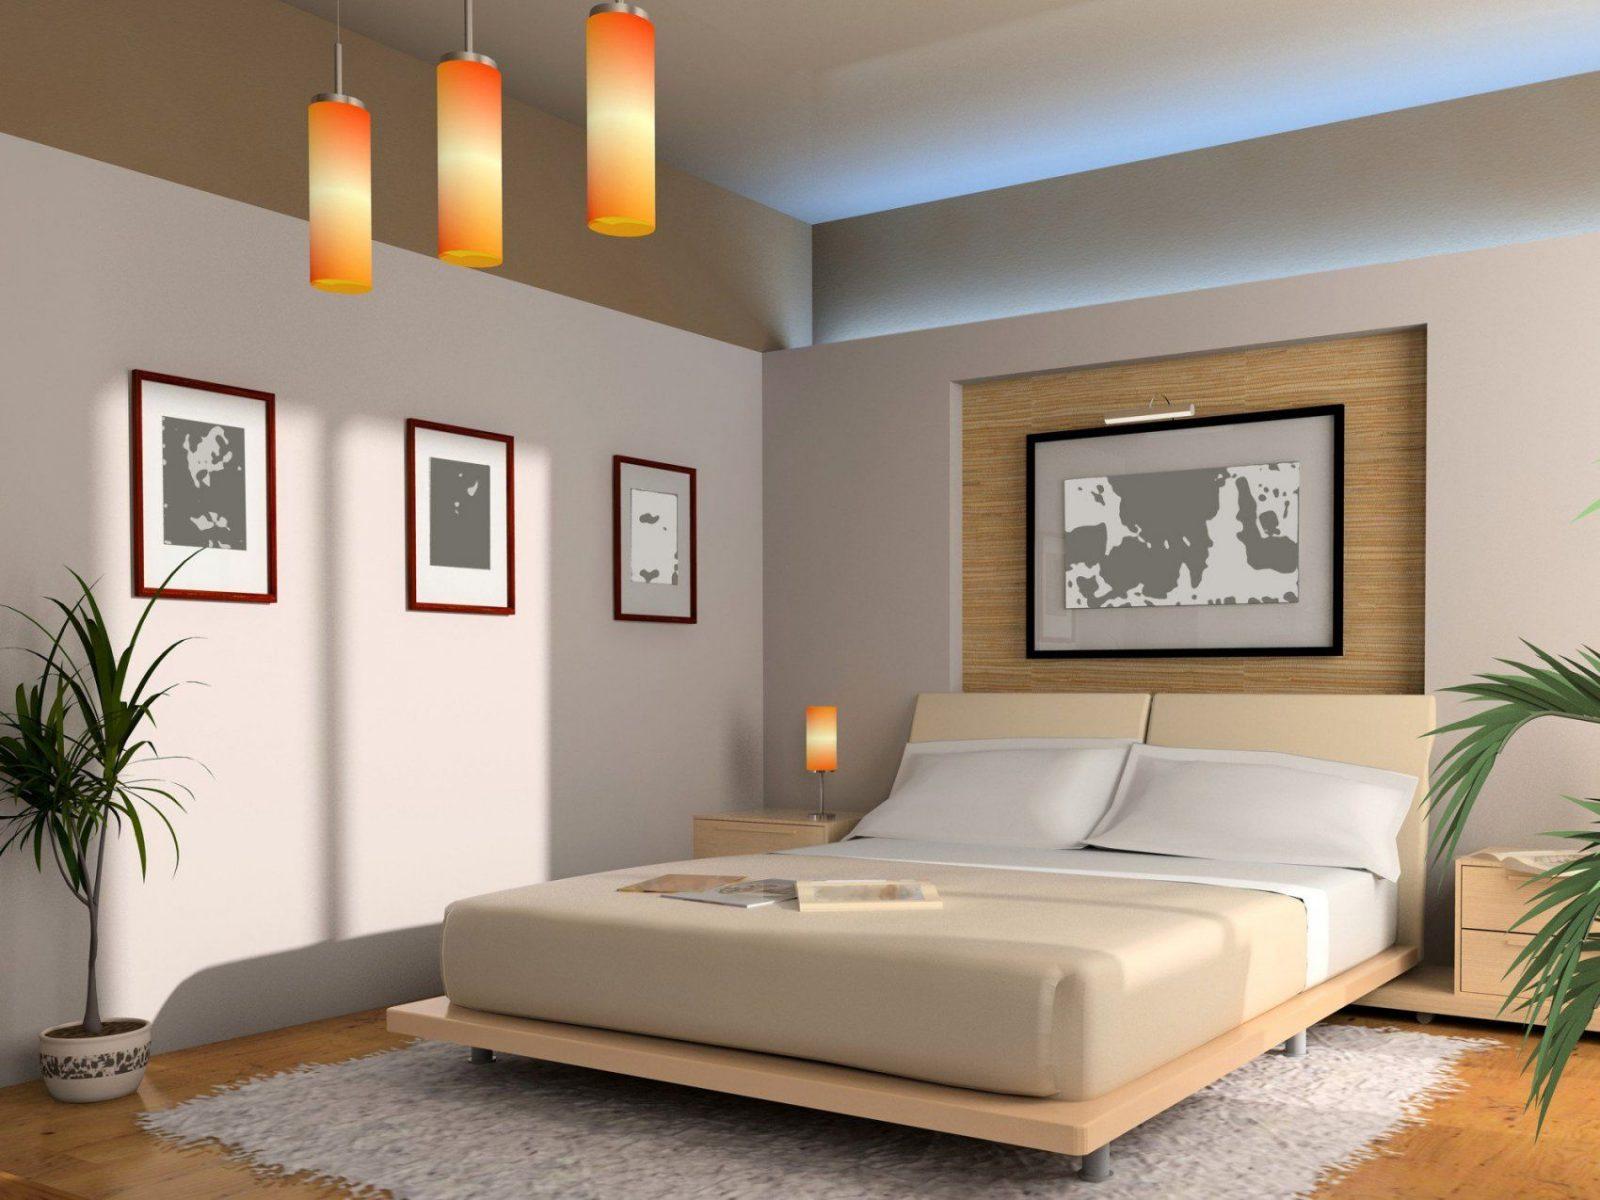 Feng Shui Schlafzimmer Einrichten – Praktische Tipps von Schlafzimmer Nach Feng Shui Einrichten Bild